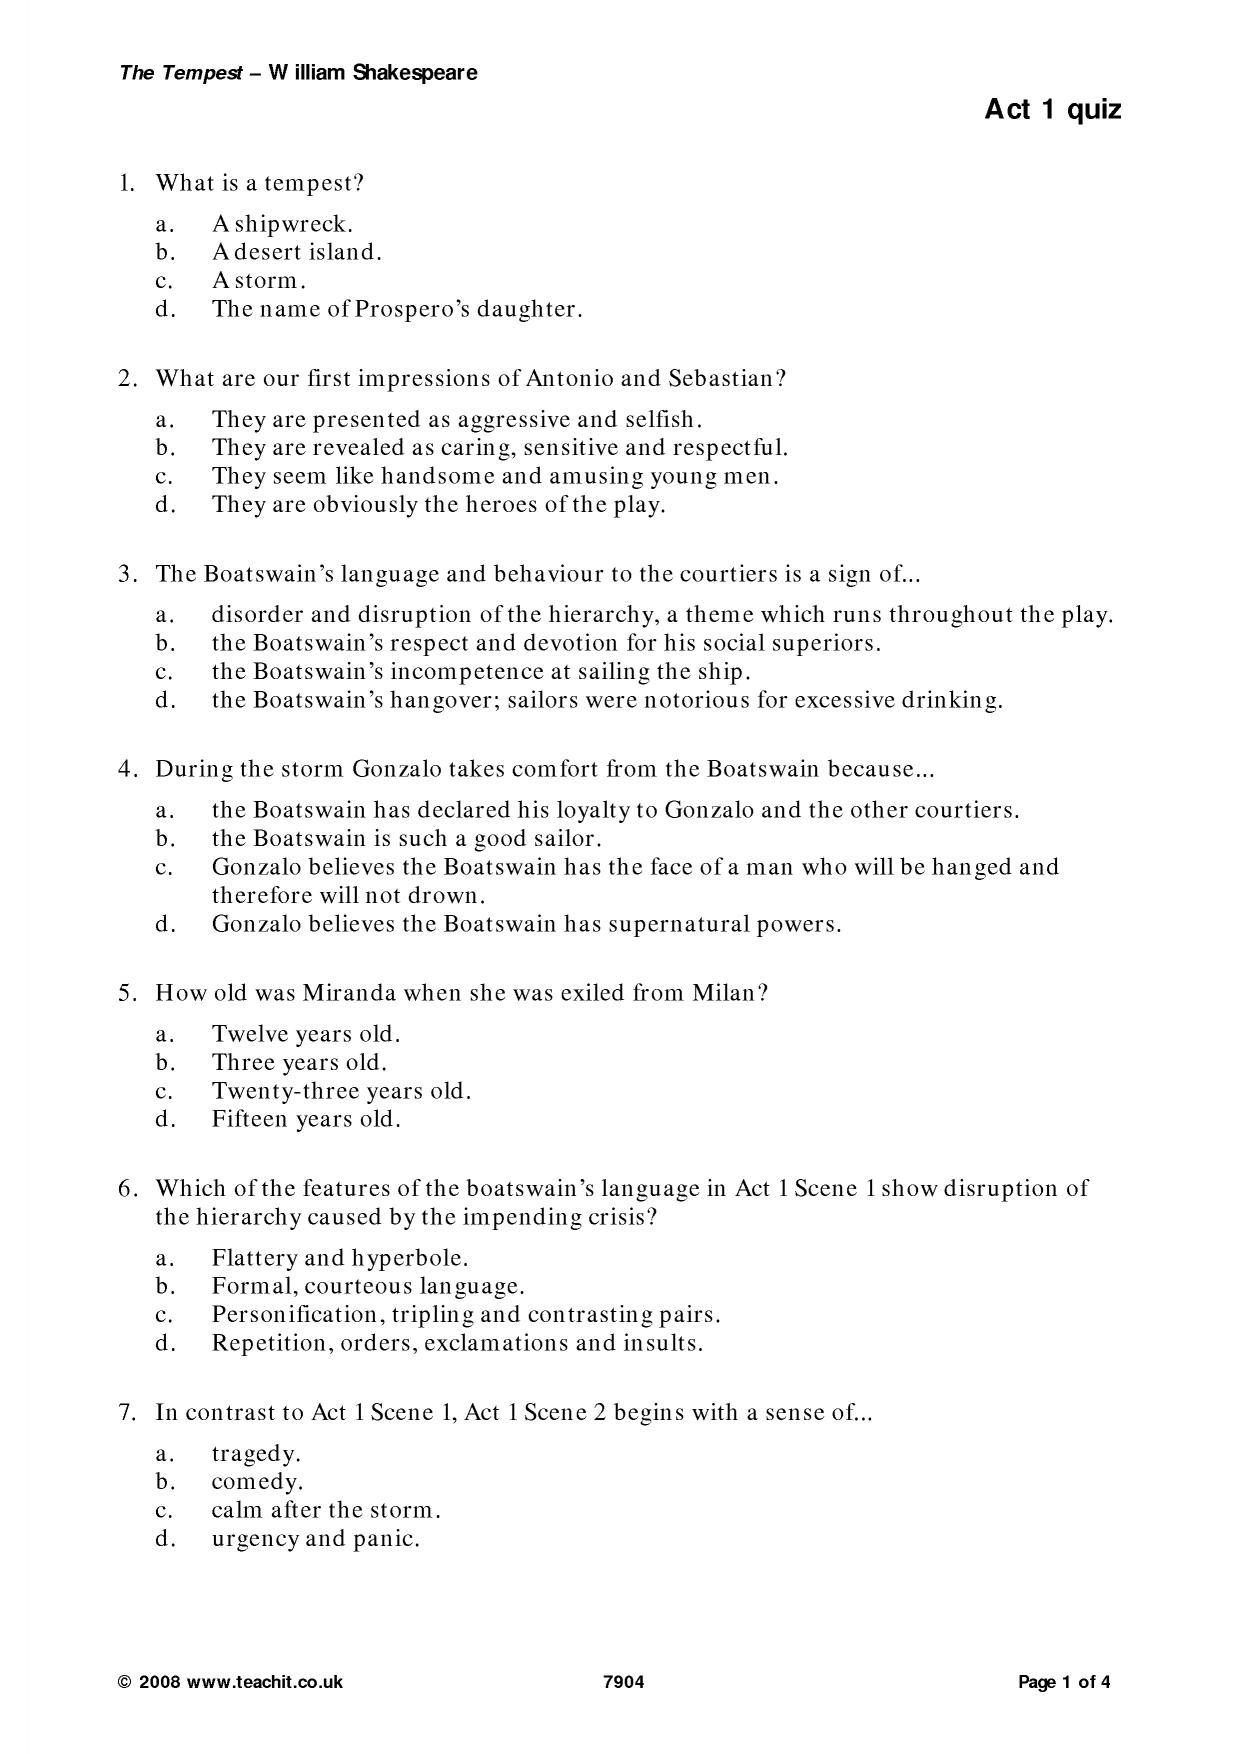 Act 1 Quiz